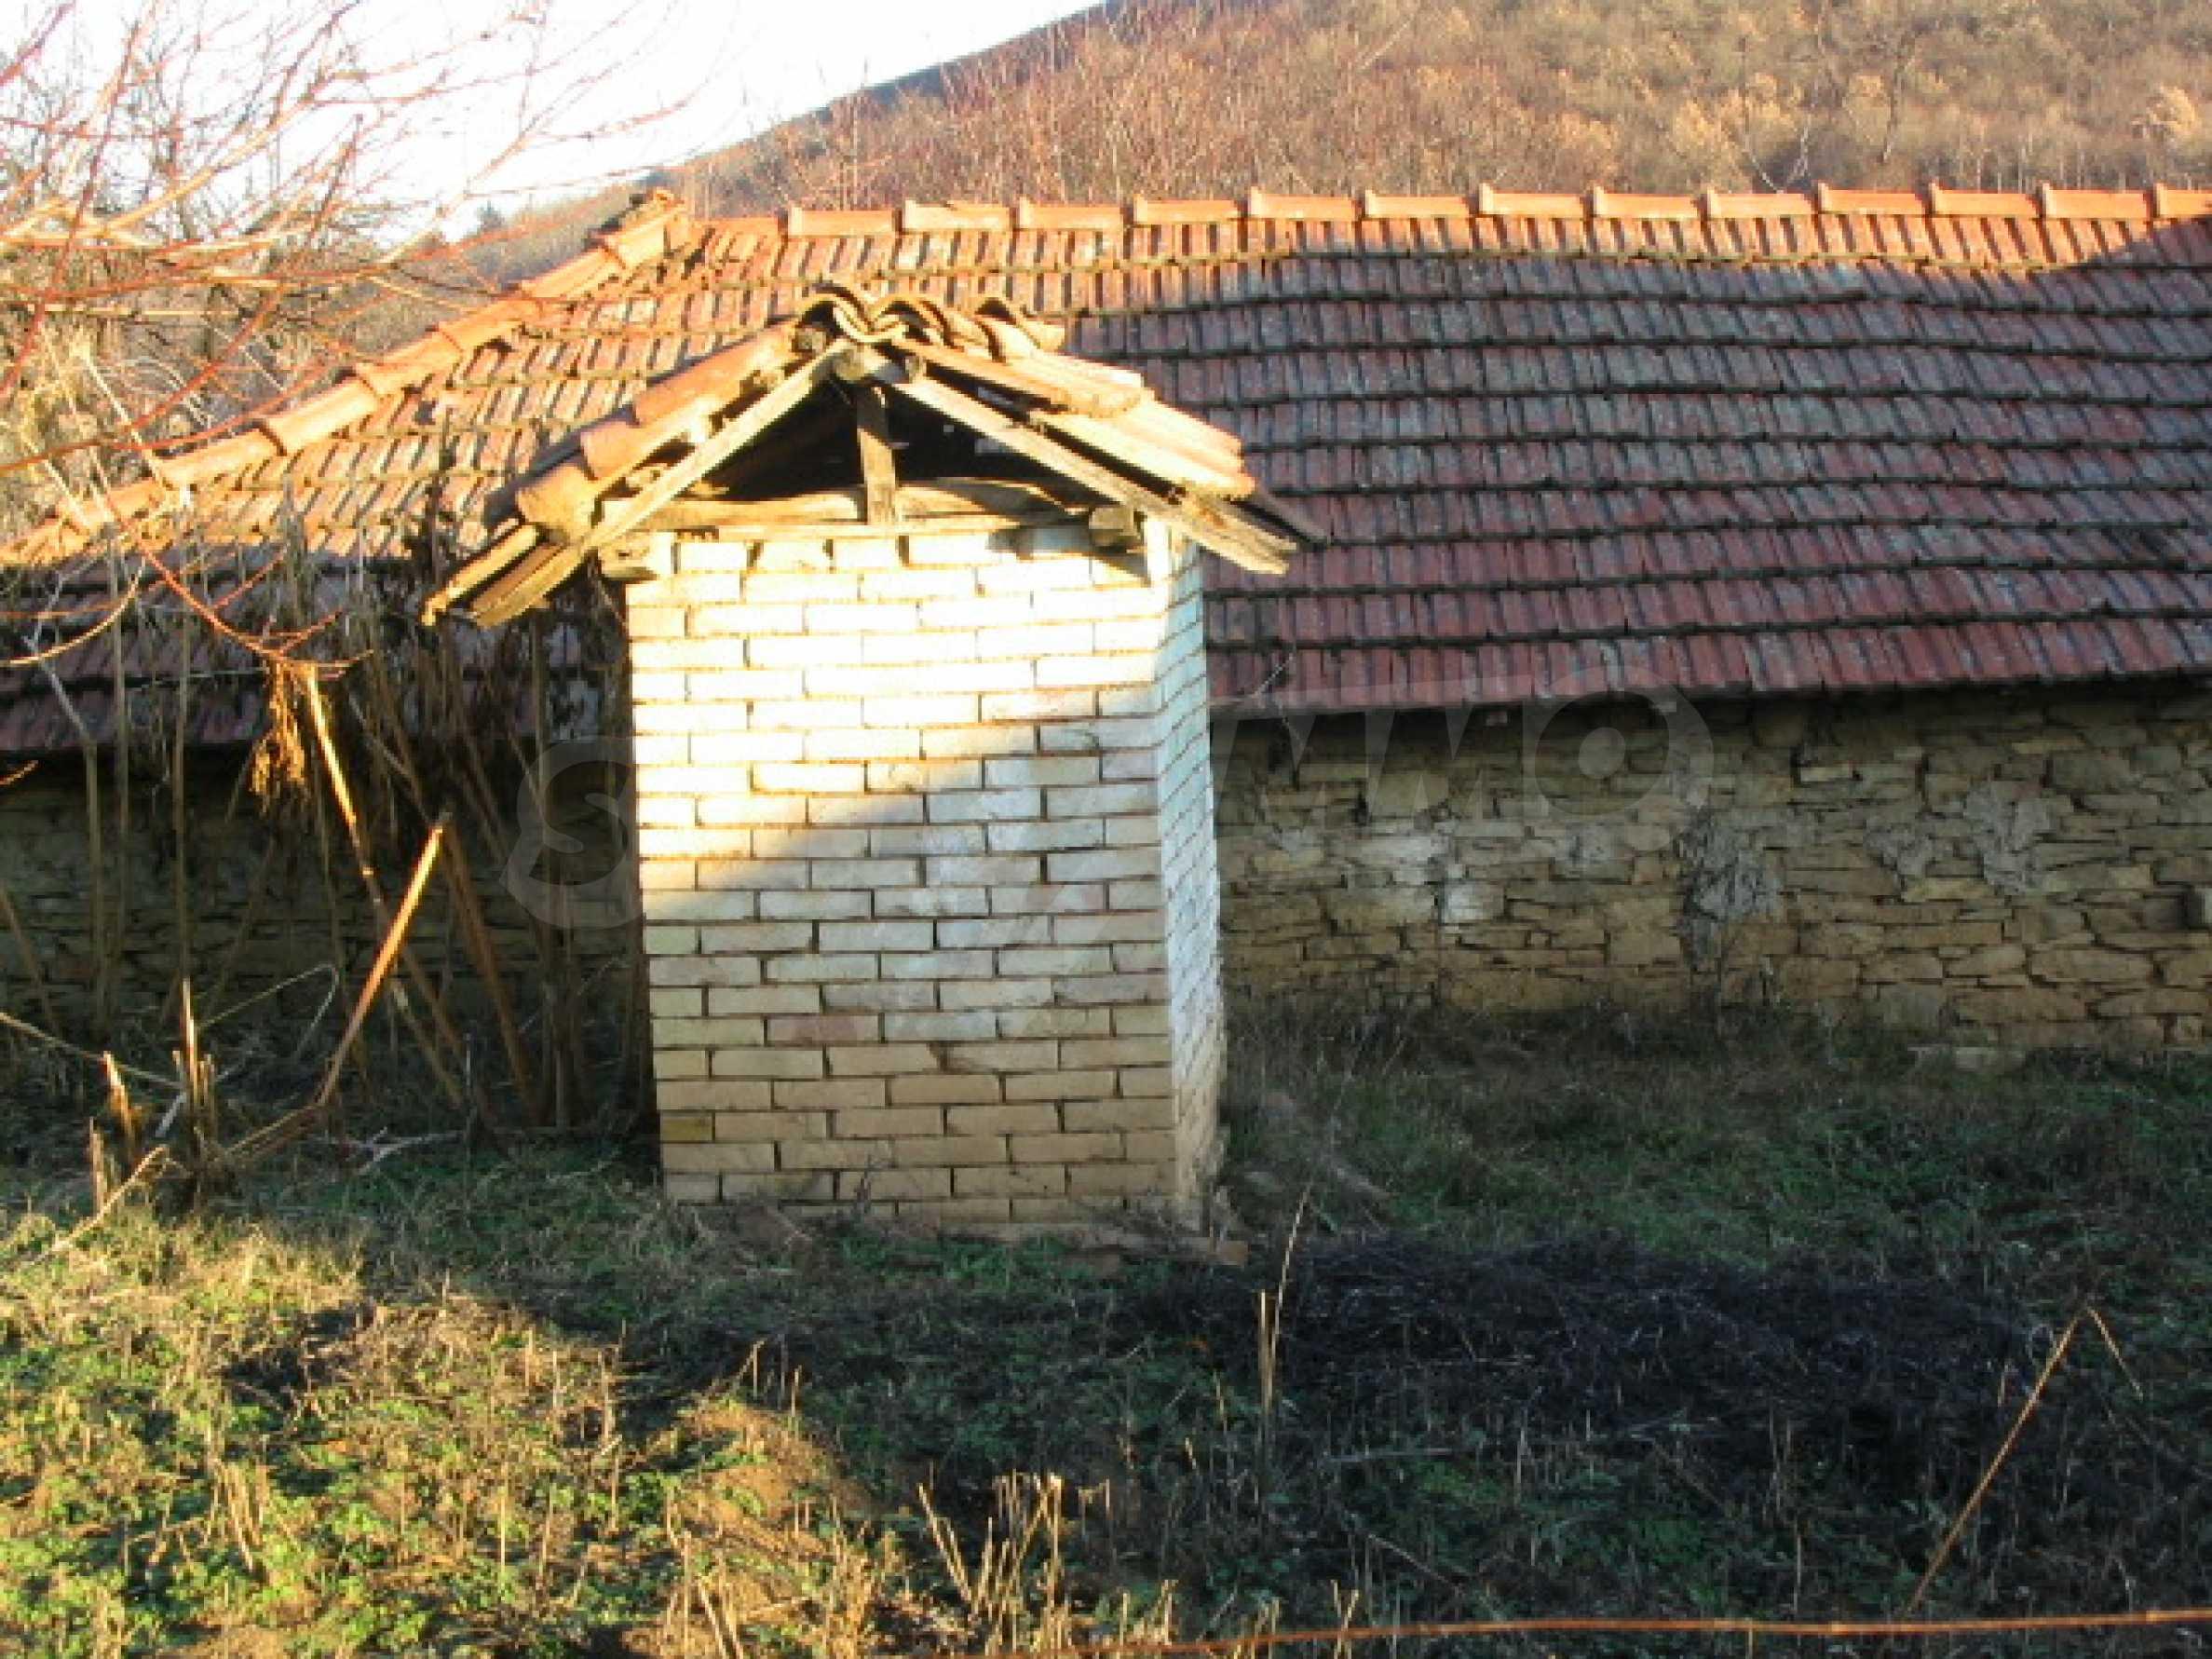 Къща за продажба близо до гр. Велико Търново 15